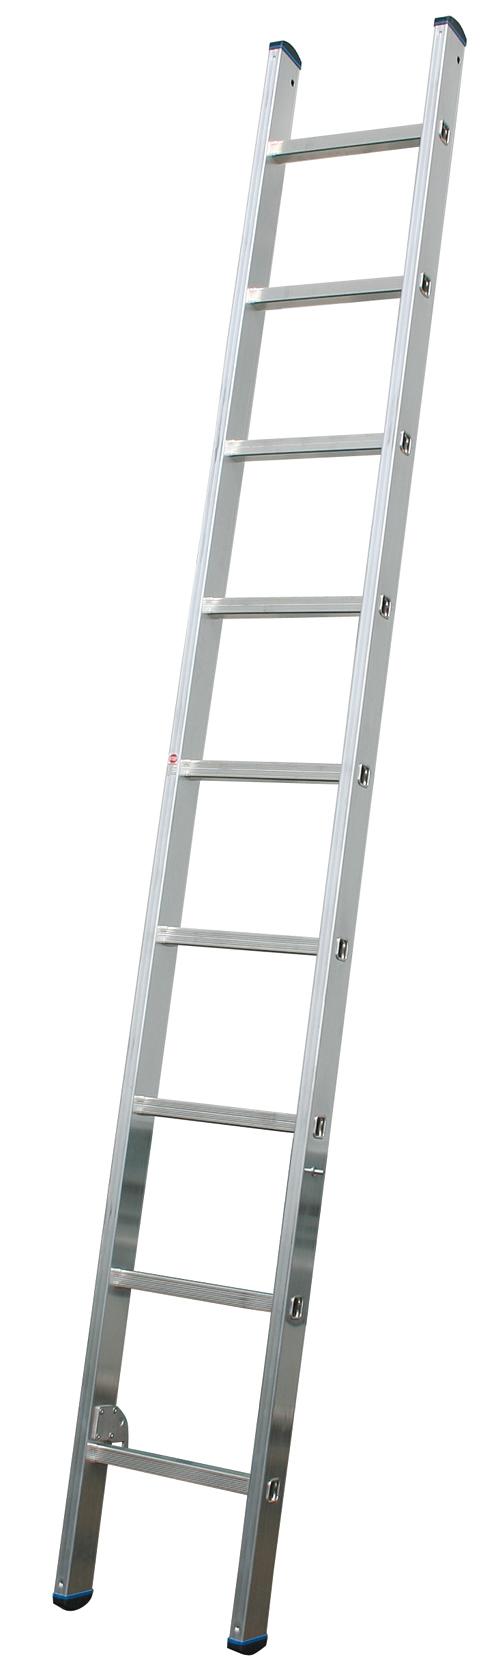 Любая приставная лестница должна быть крепко согнанной и не шататься в любой ситуации